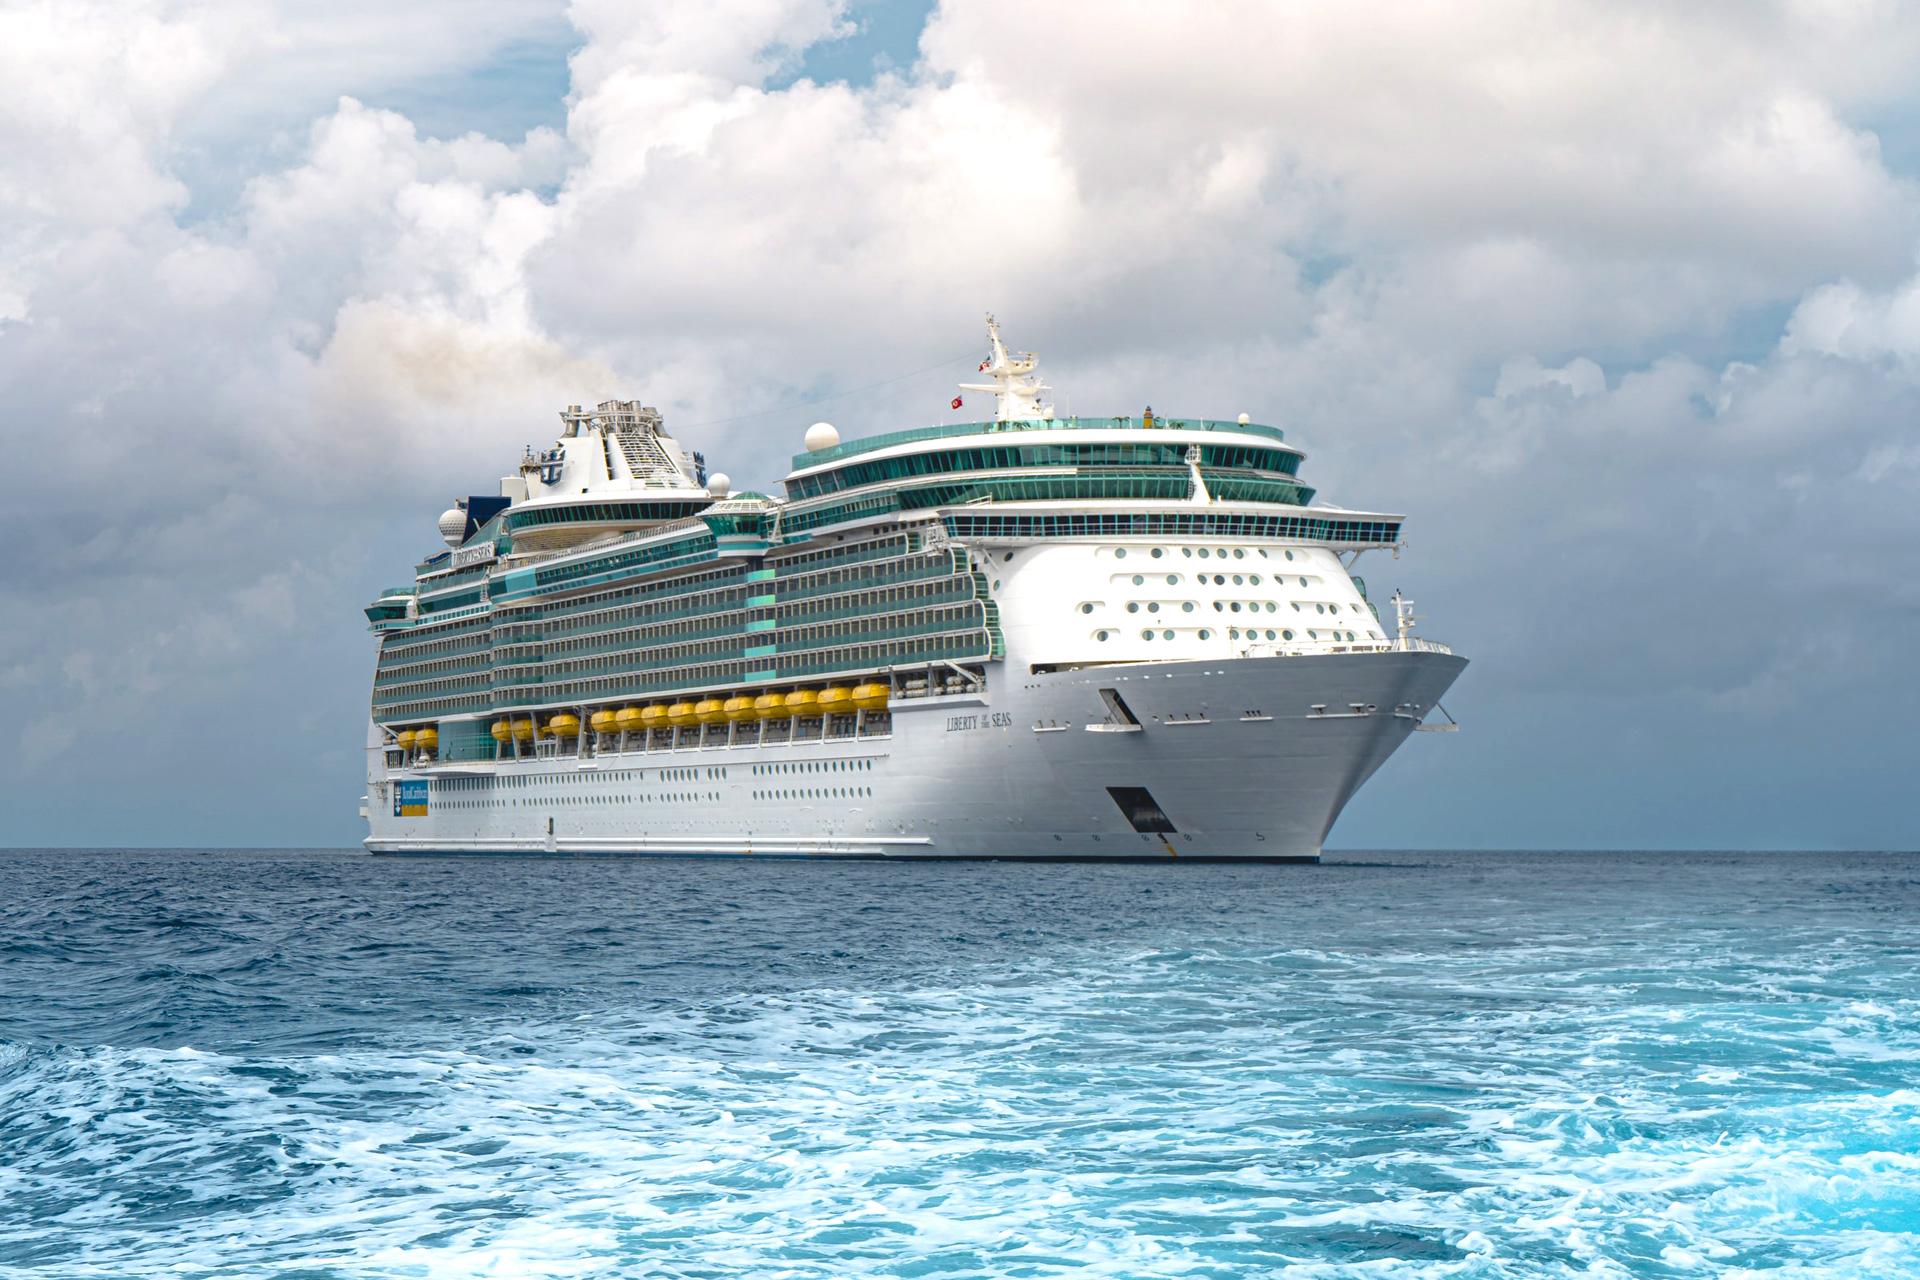 Un crucero en alta mar